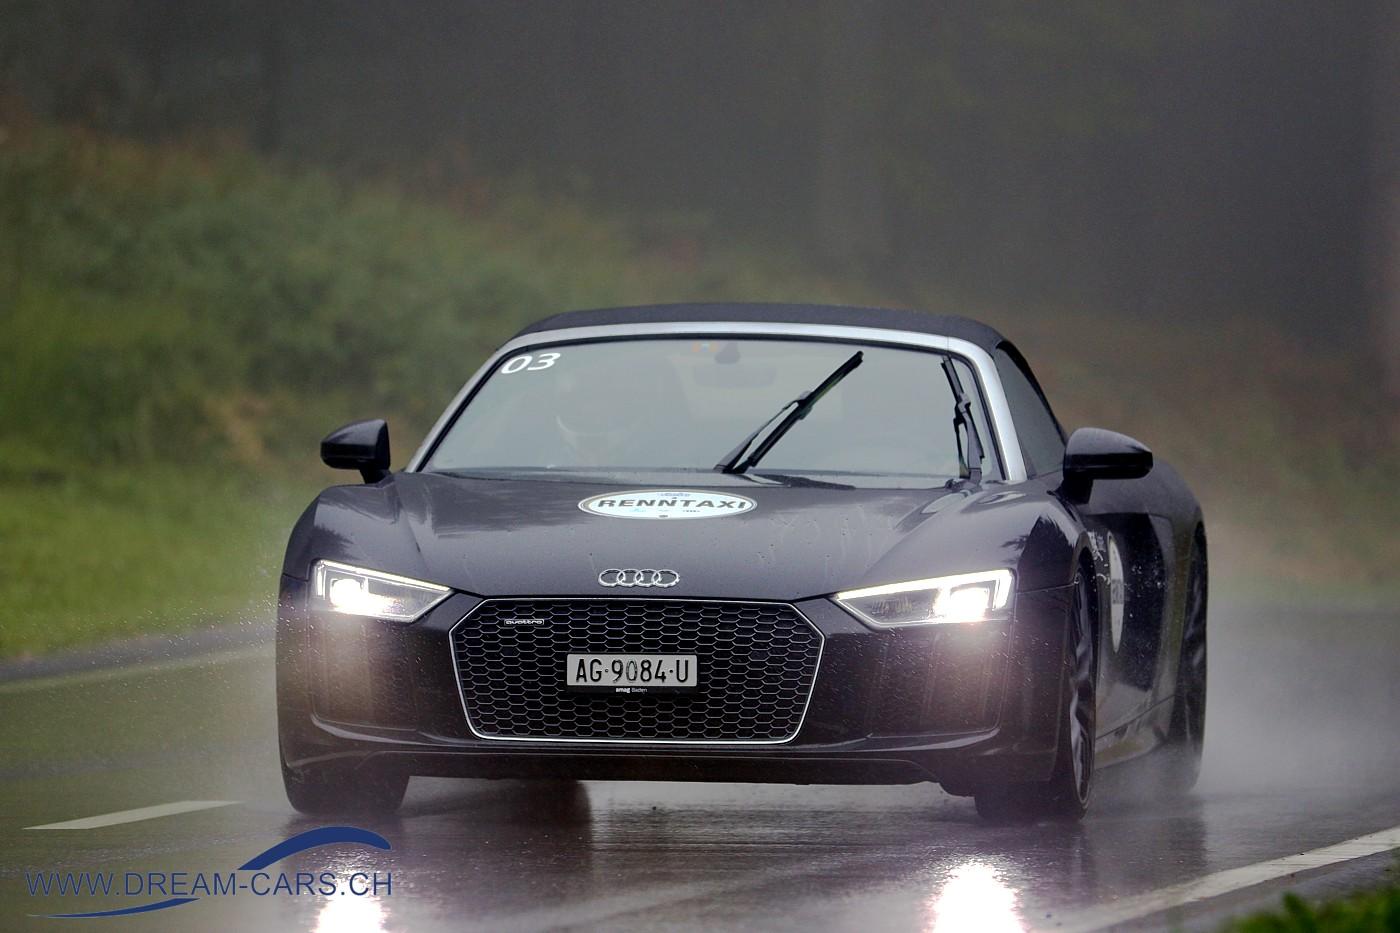 Ein Audi R8 im Einsatz an der Arosa ClassicCar 2018 als Renntaxi. Für 180 Franken konnten diese Fahrten gebucht werden, sicher ein einmales Erlebnis